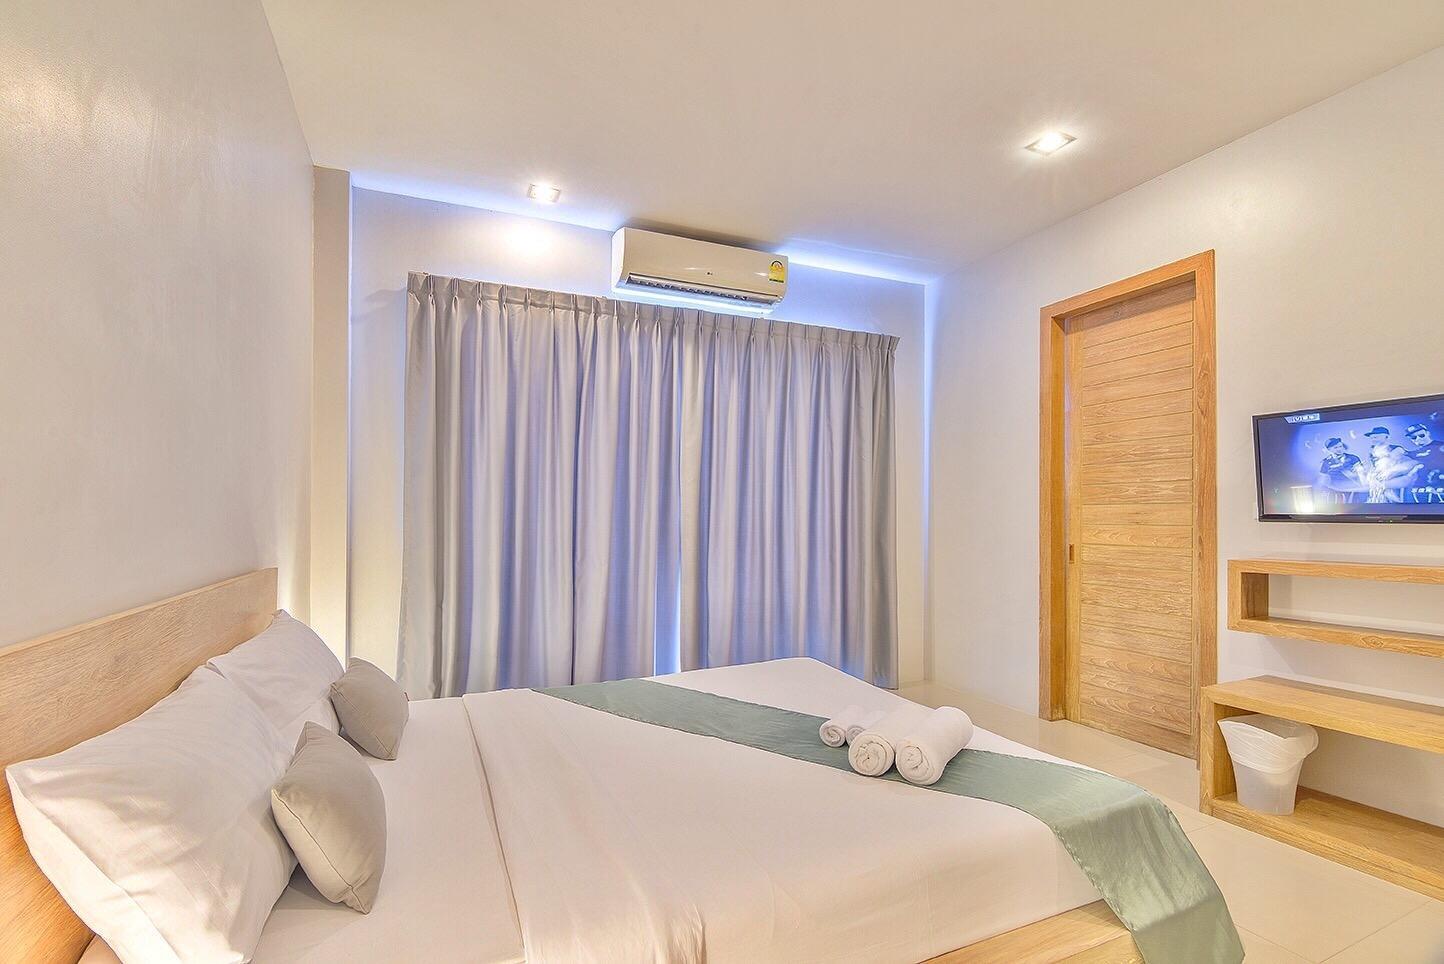 Lemonade Phuket Hotel - Image 1